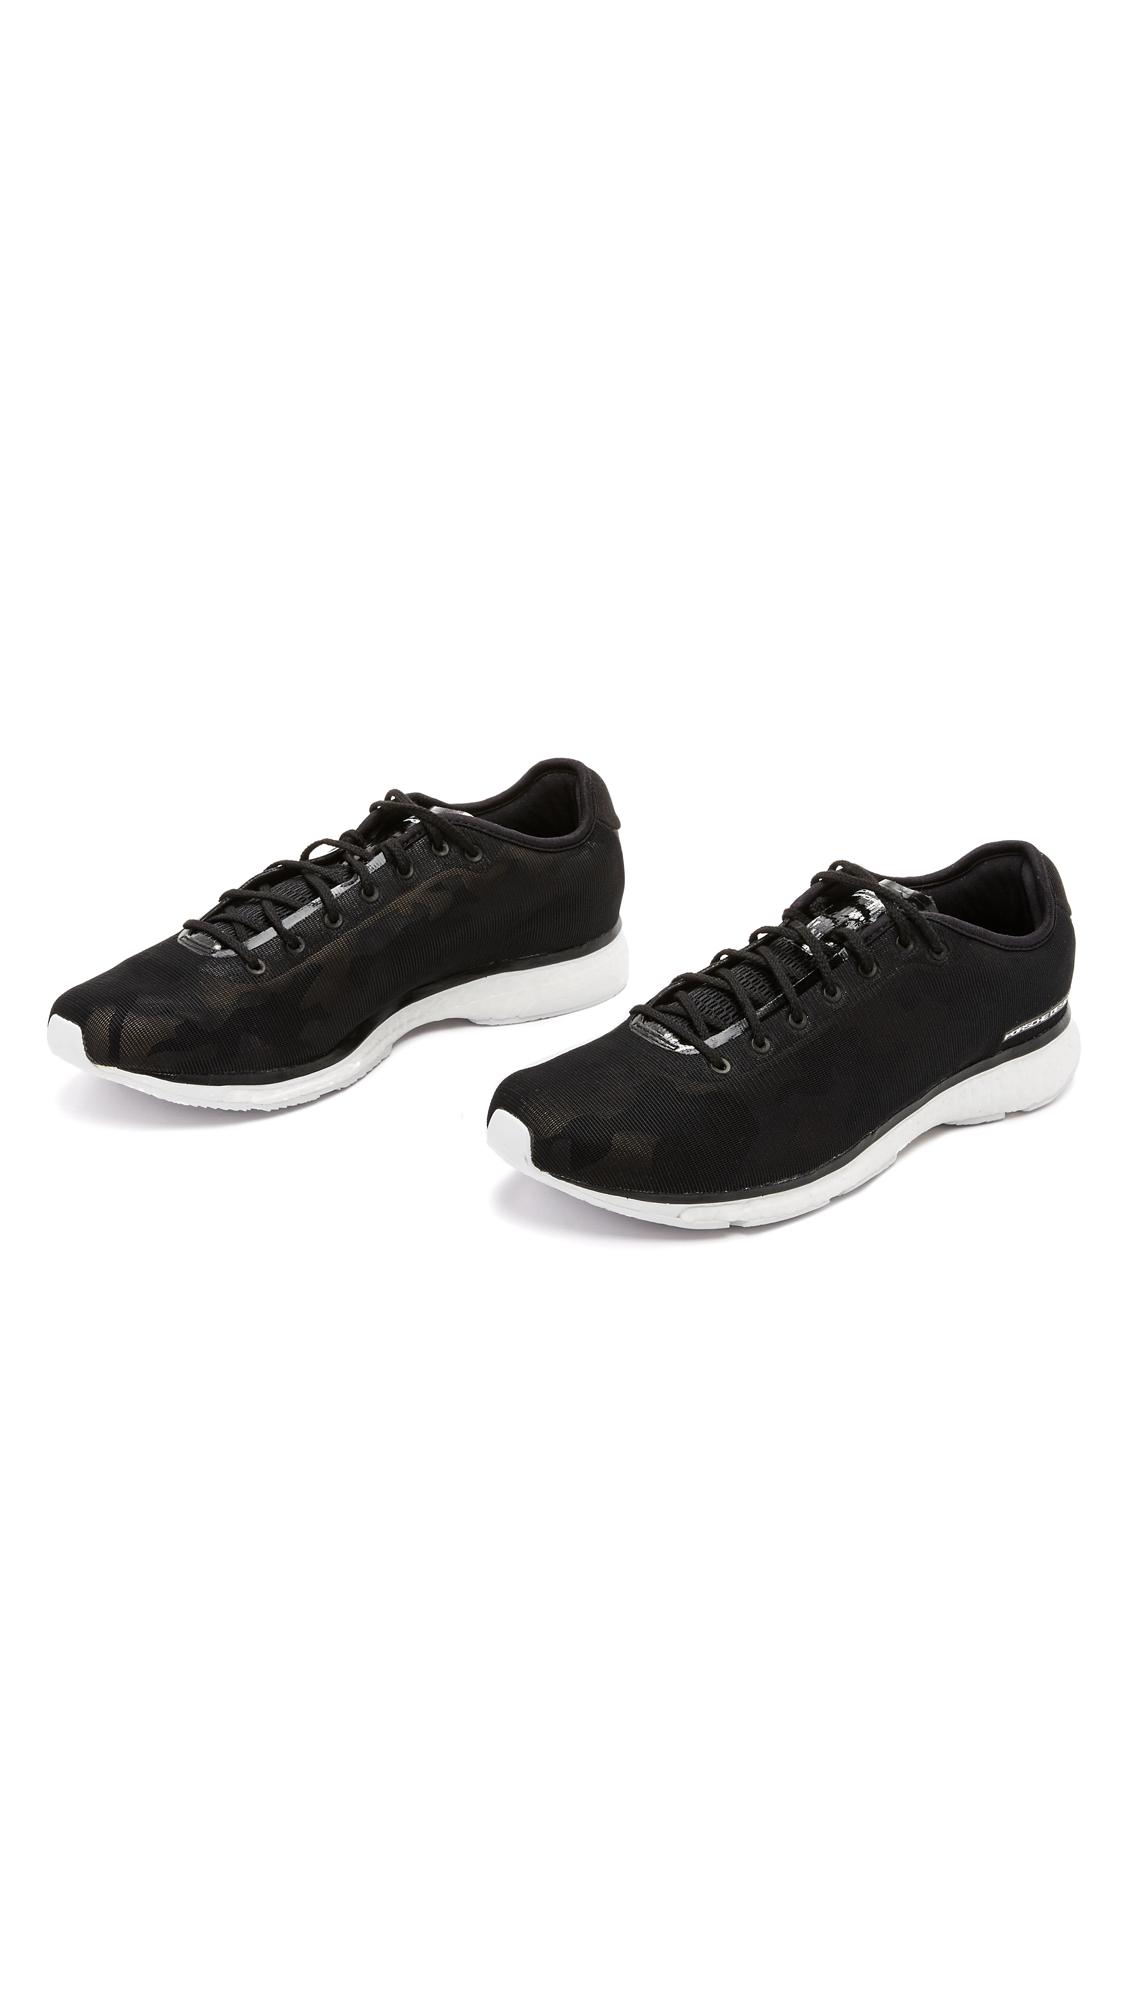 porsche design endurance sneakers in black for men lyst. Black Bedroom Furniture Sets. Home Design Ideas